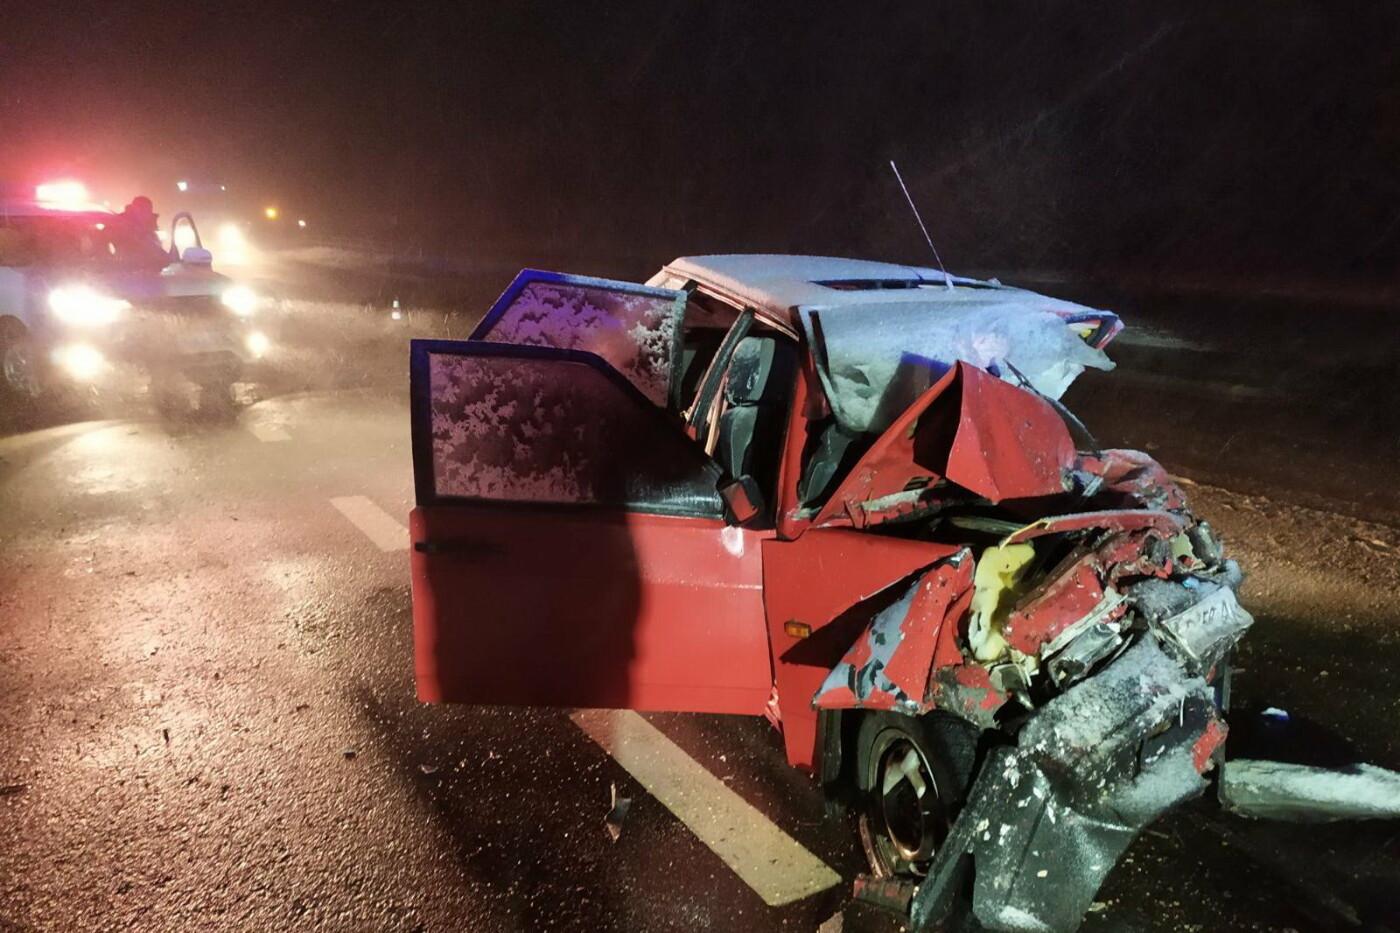 Смятый автомобиль и оторванная крыша: в жутком ДТП на Харьковщине погибли пять человек, - ФОТО, фото-1